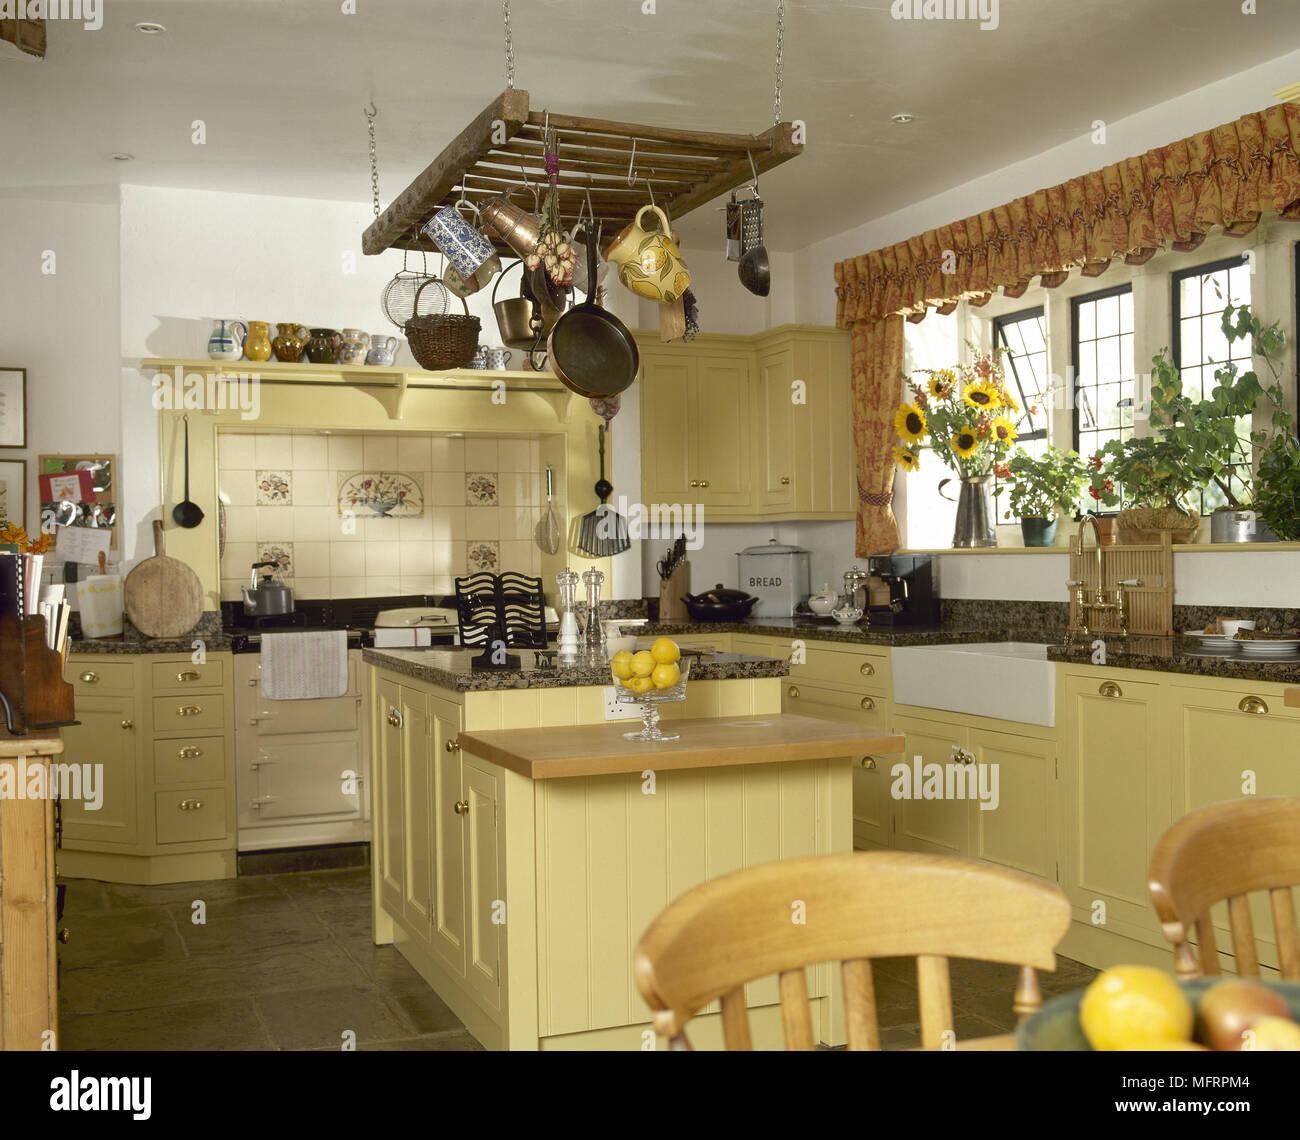 Cuisine traditionnelle du pays, avec des armoires en bois peint en ...